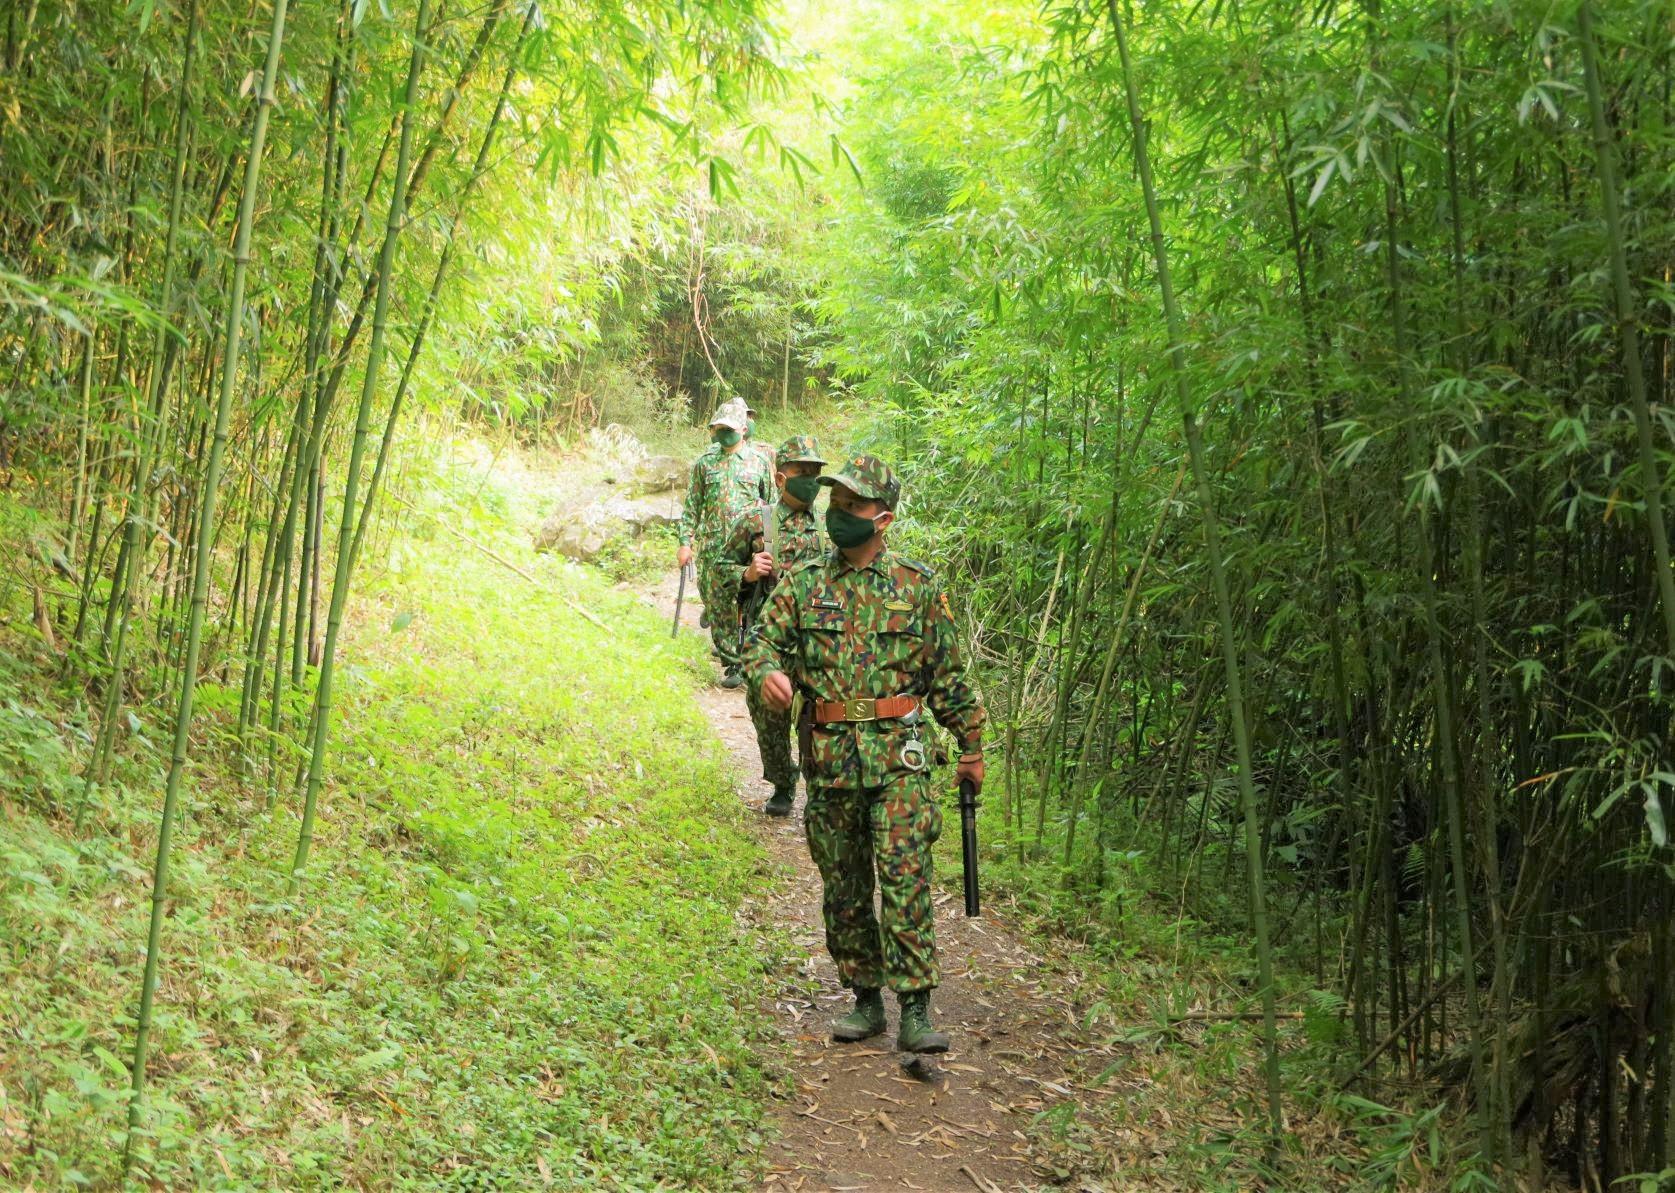 Lực lượng chốt quản lý bảo vệ biên giới, phòng chống dịch Covid -19 của Đồn BP cửa khẩu Quốc tế Nậm Cắn tổ chức tuần tra, ngăn chặn tình trạng xuất nhập cảnh trái phép.